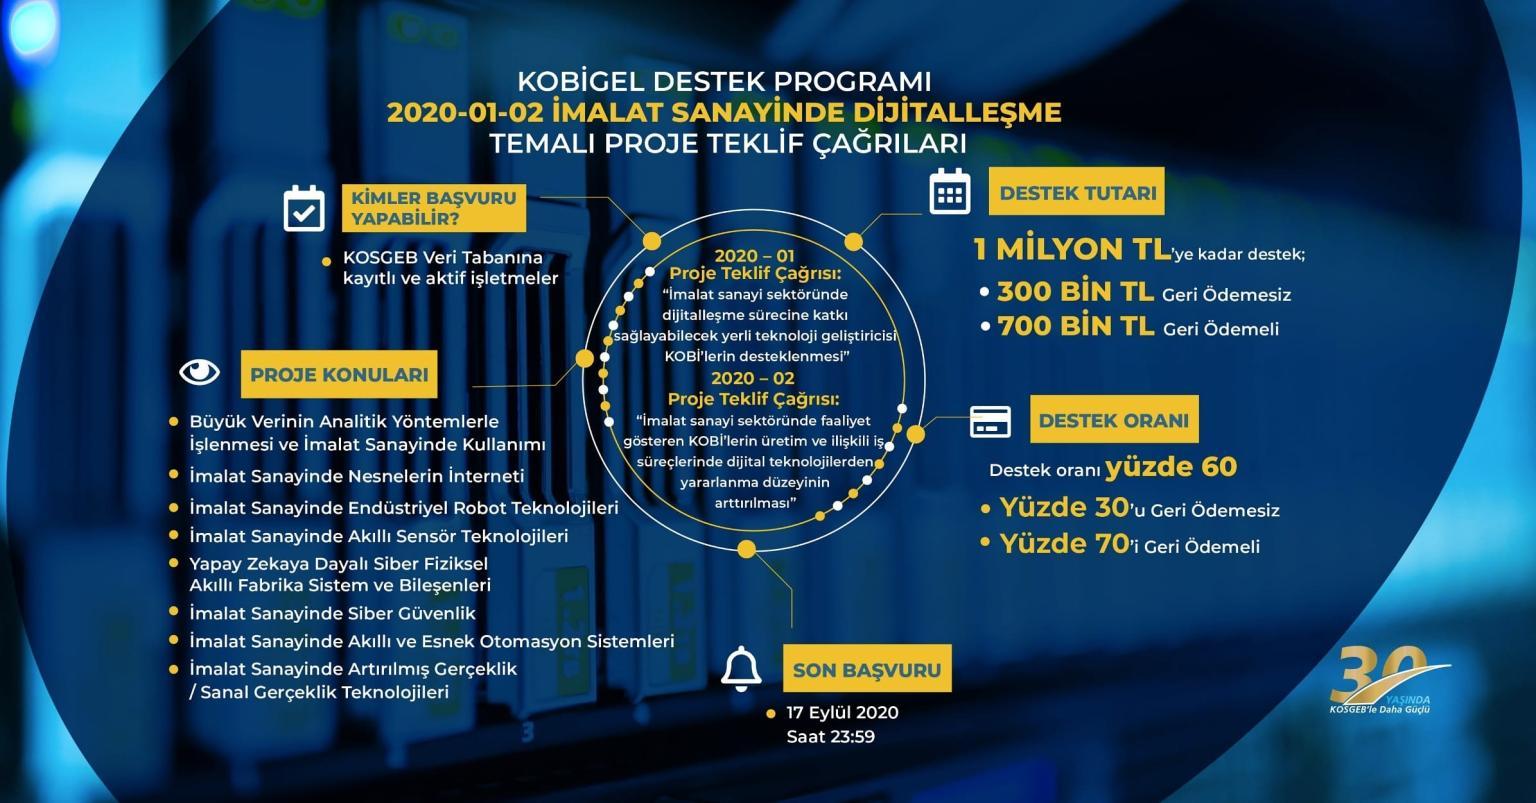 KOSGEB KOBİGEL 2020–01 ve 2020-02 İmalat Sanayinde Dijitalleşme Temalı Proje Teklif Çağrıları